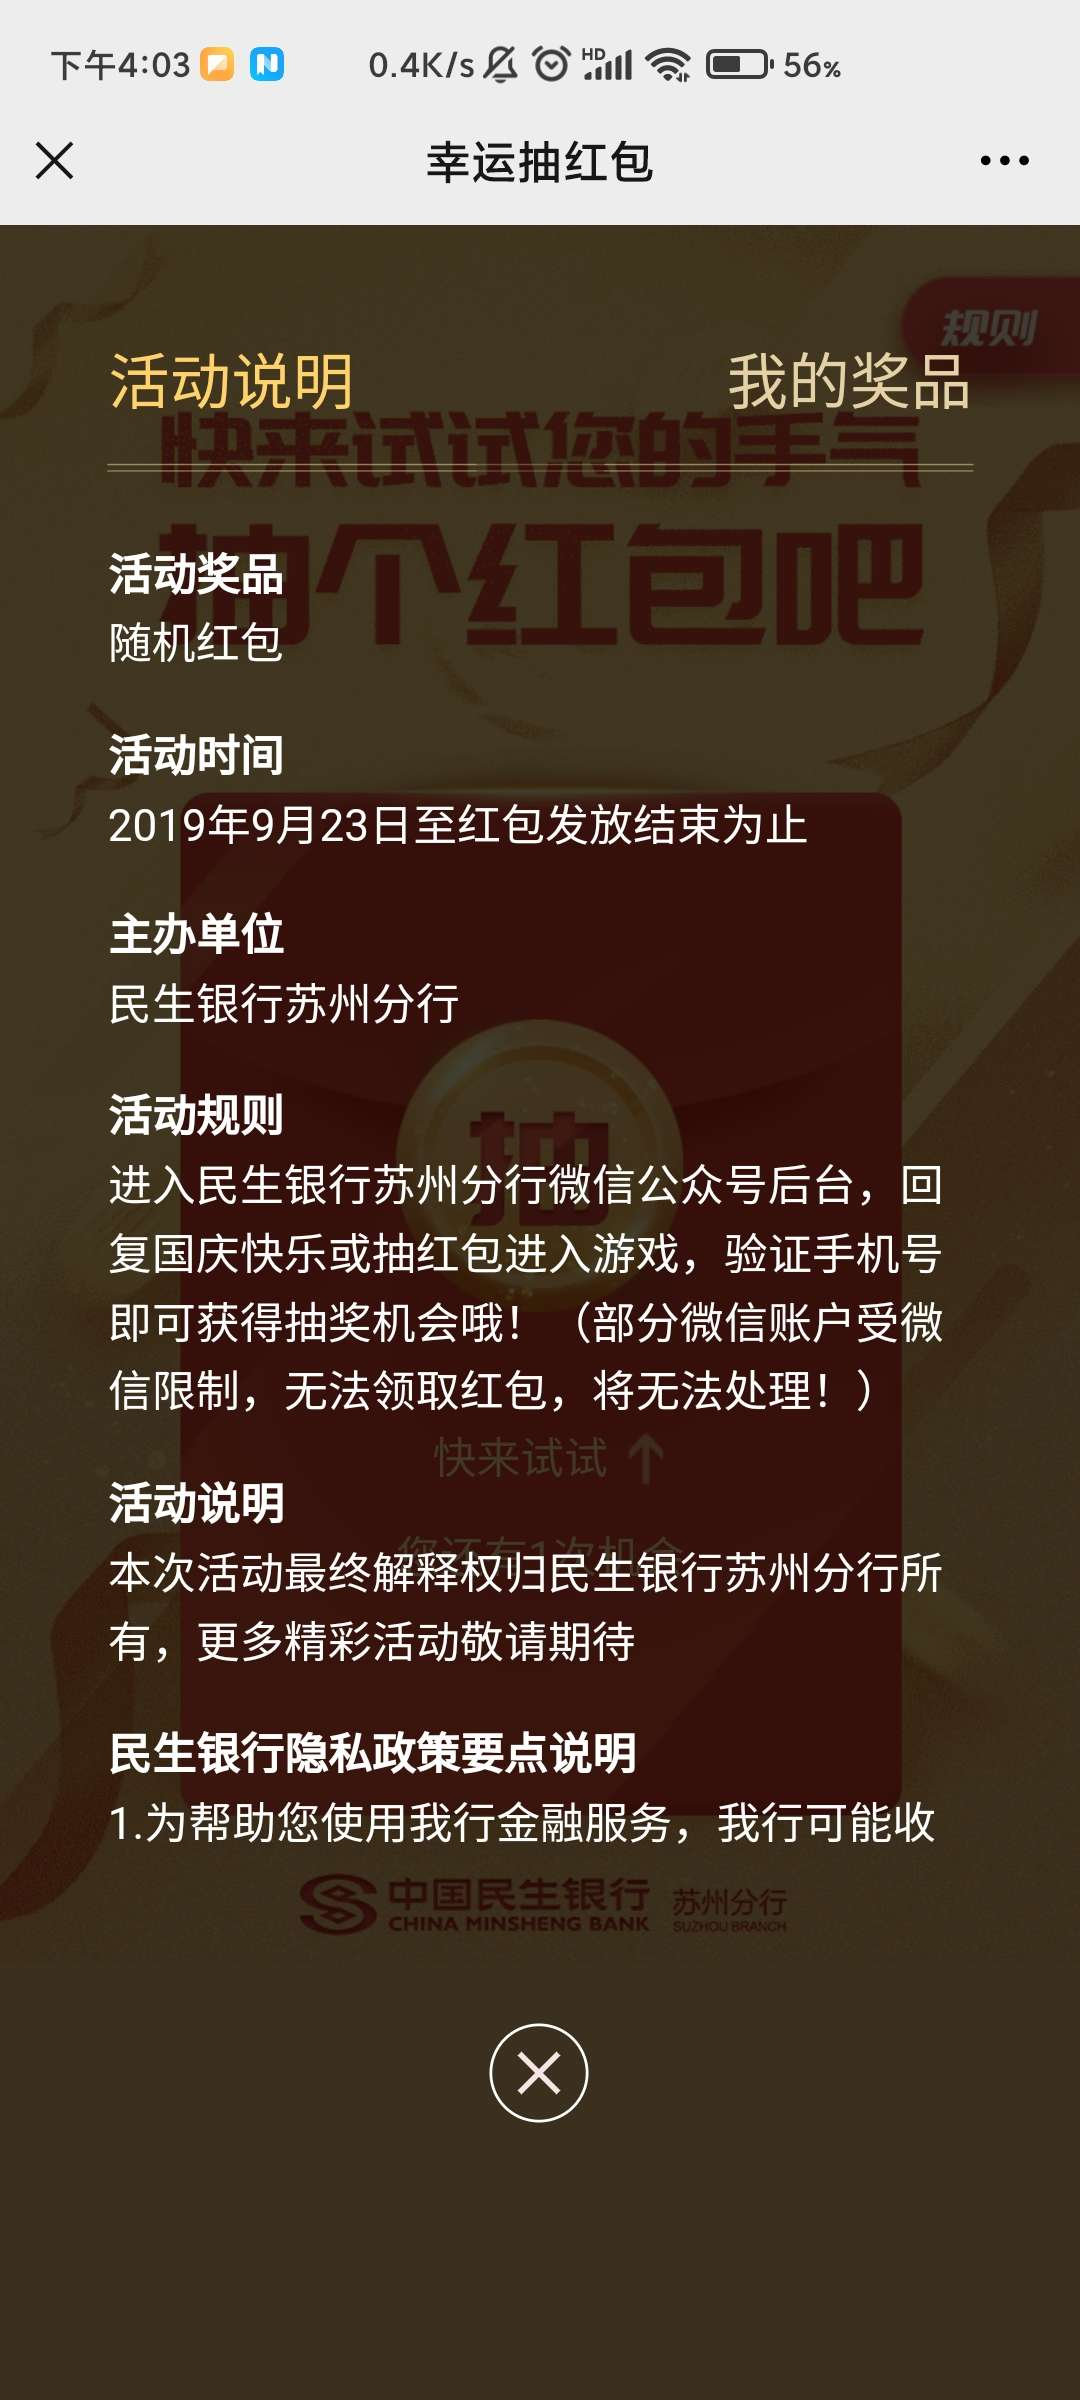 【现金红包】民生银行苏州分行领红包插图1